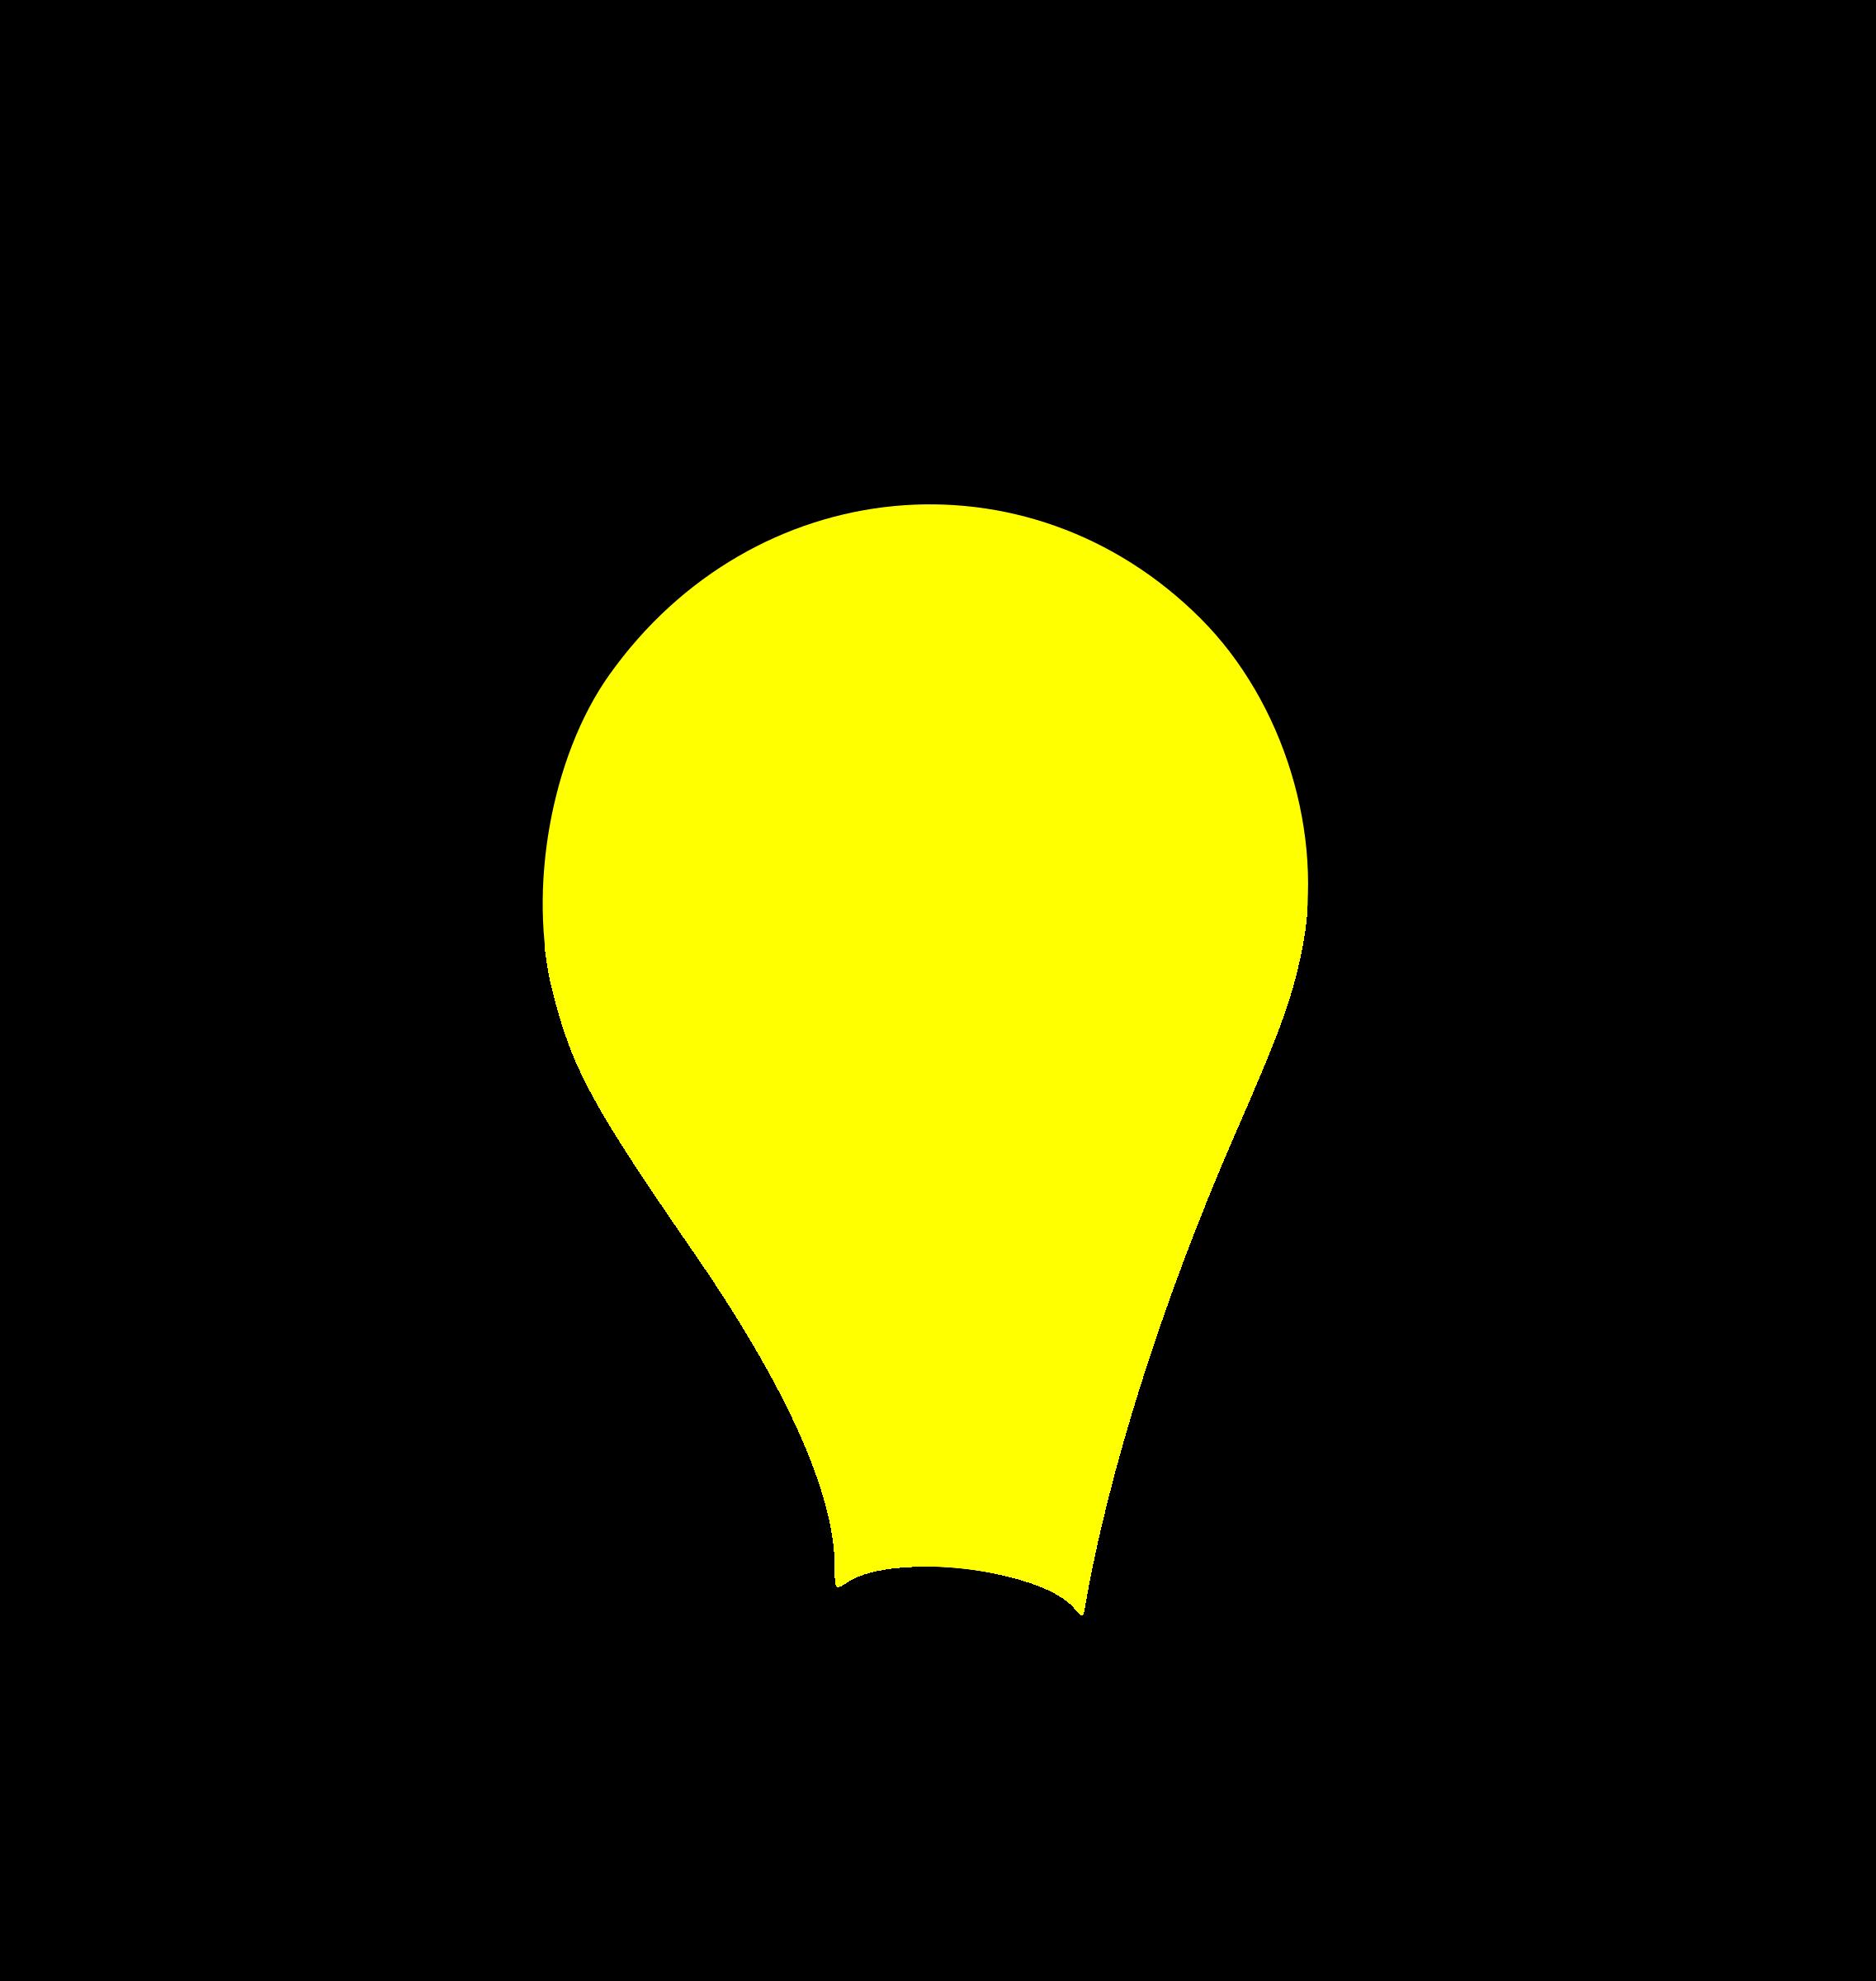 Clipart light bulb lit clipartbold